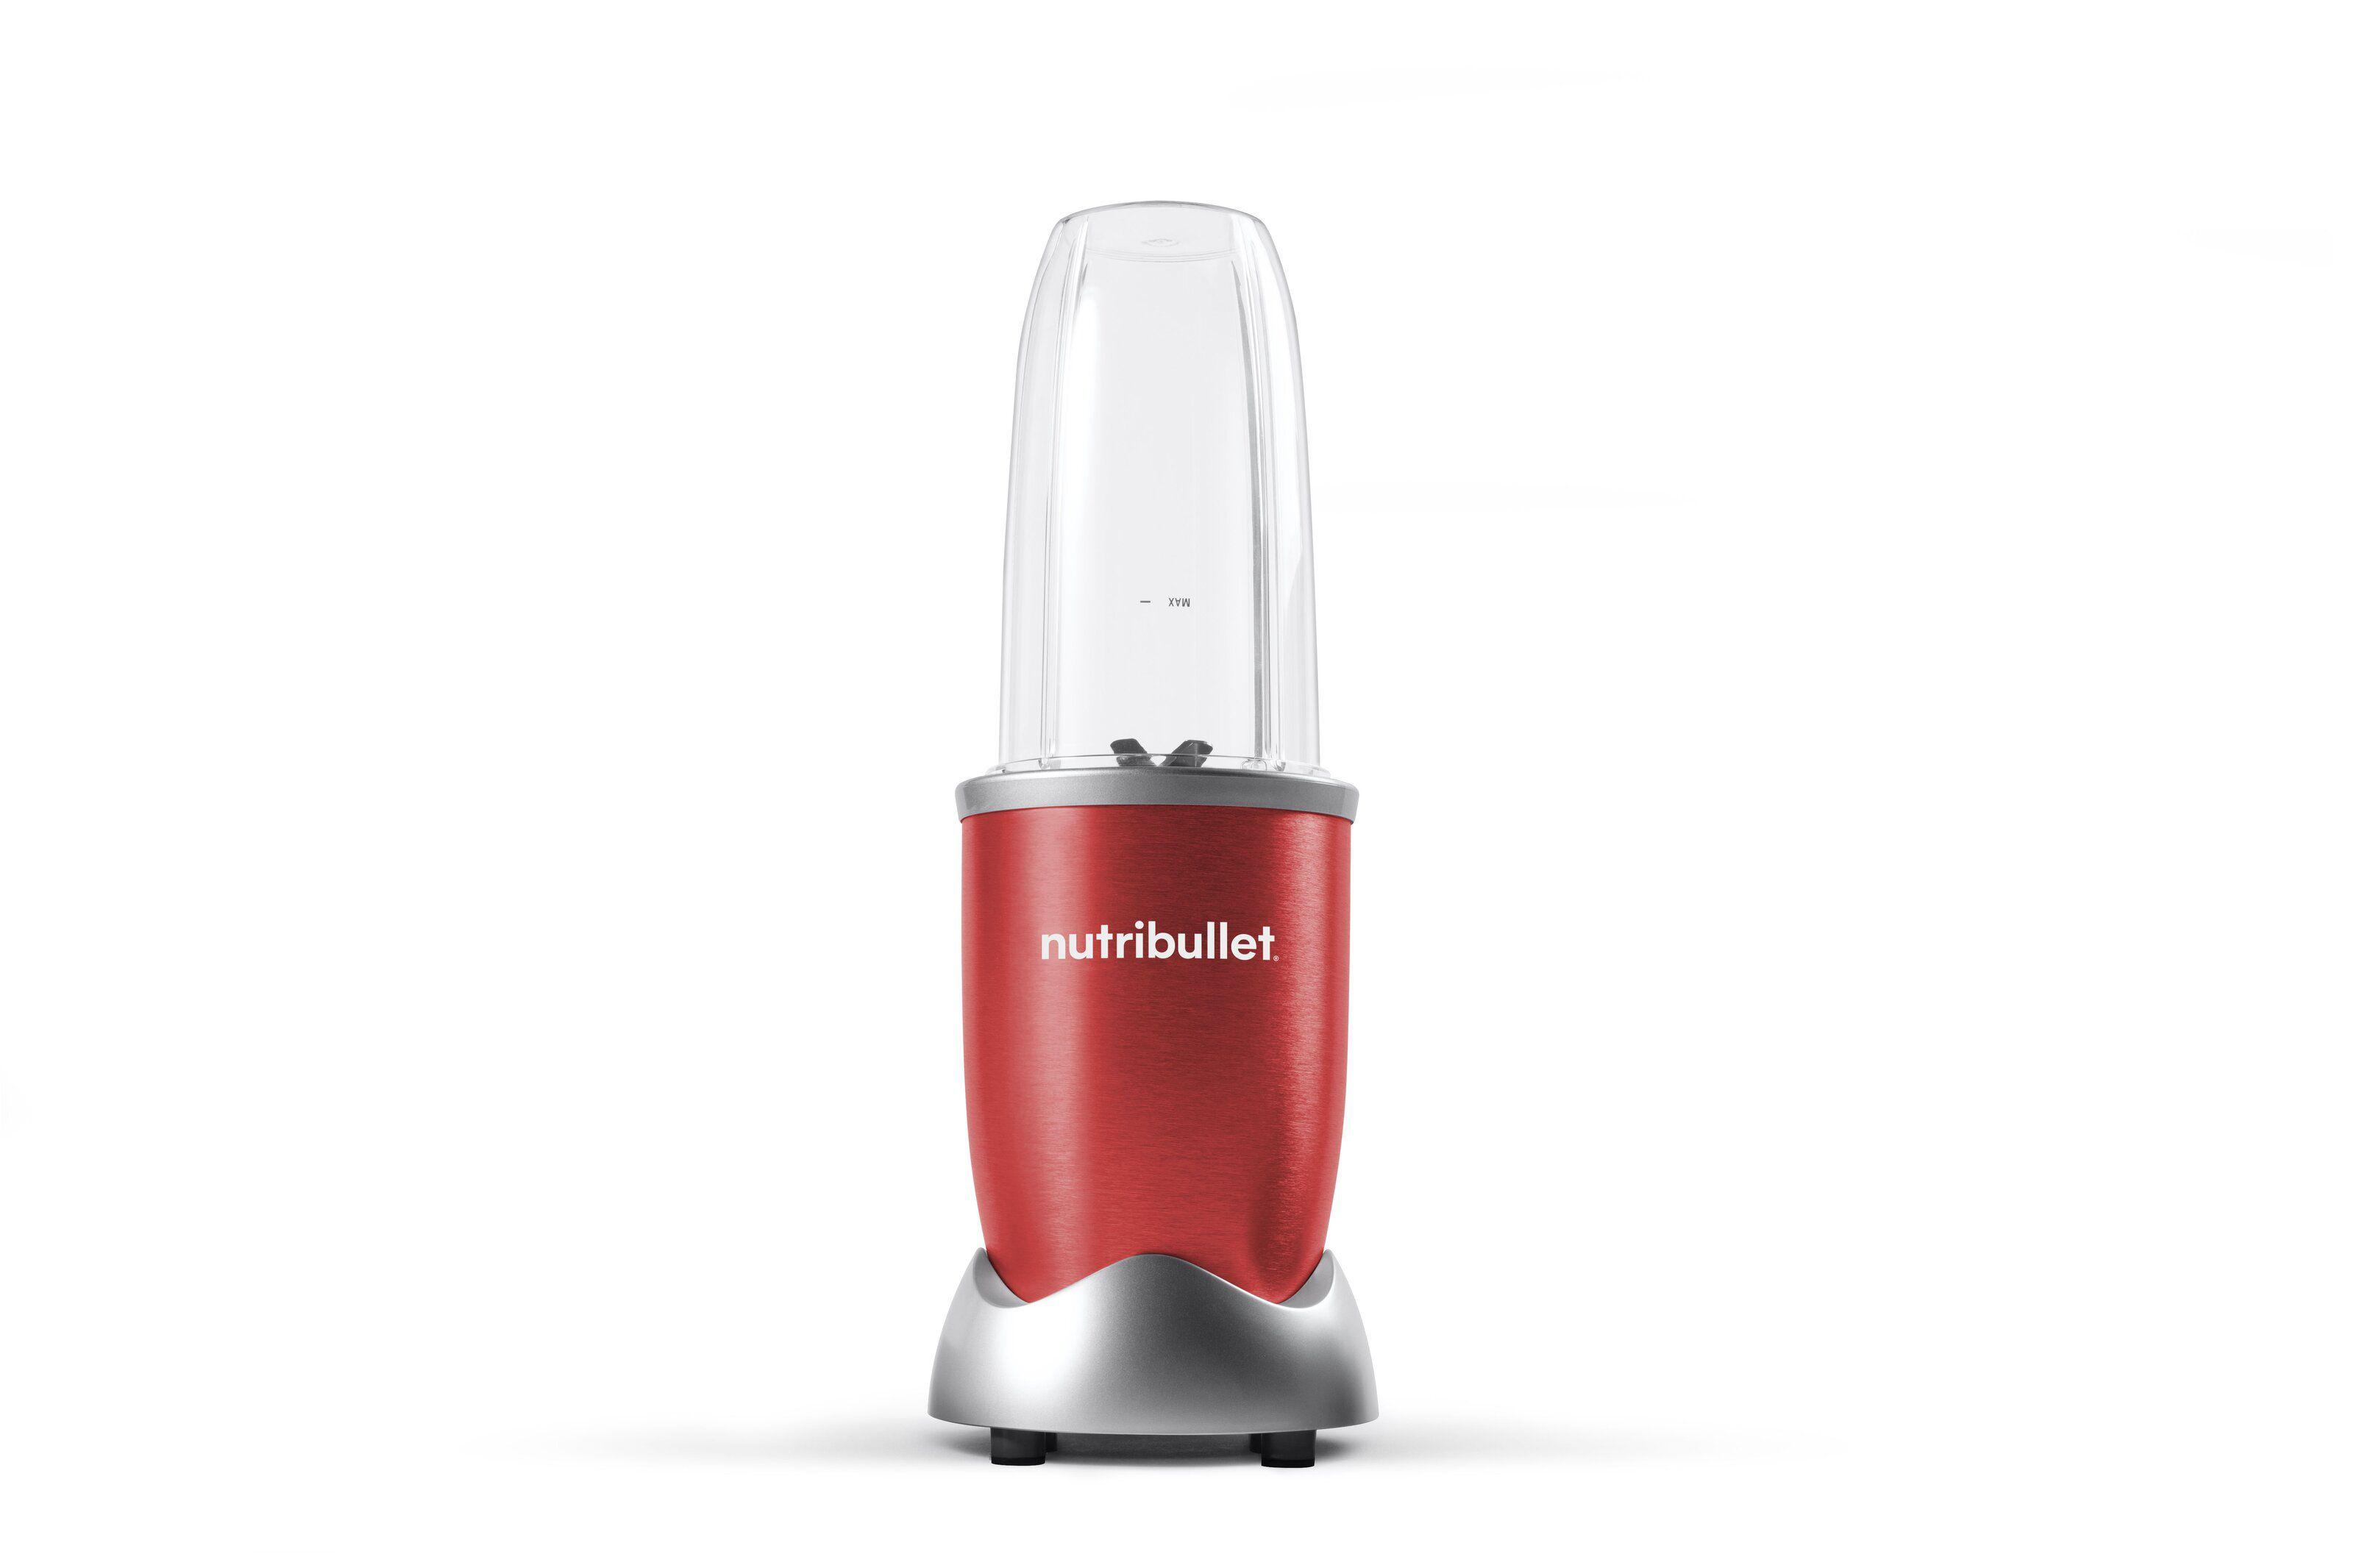 Nutribullet Pro Personal Blender